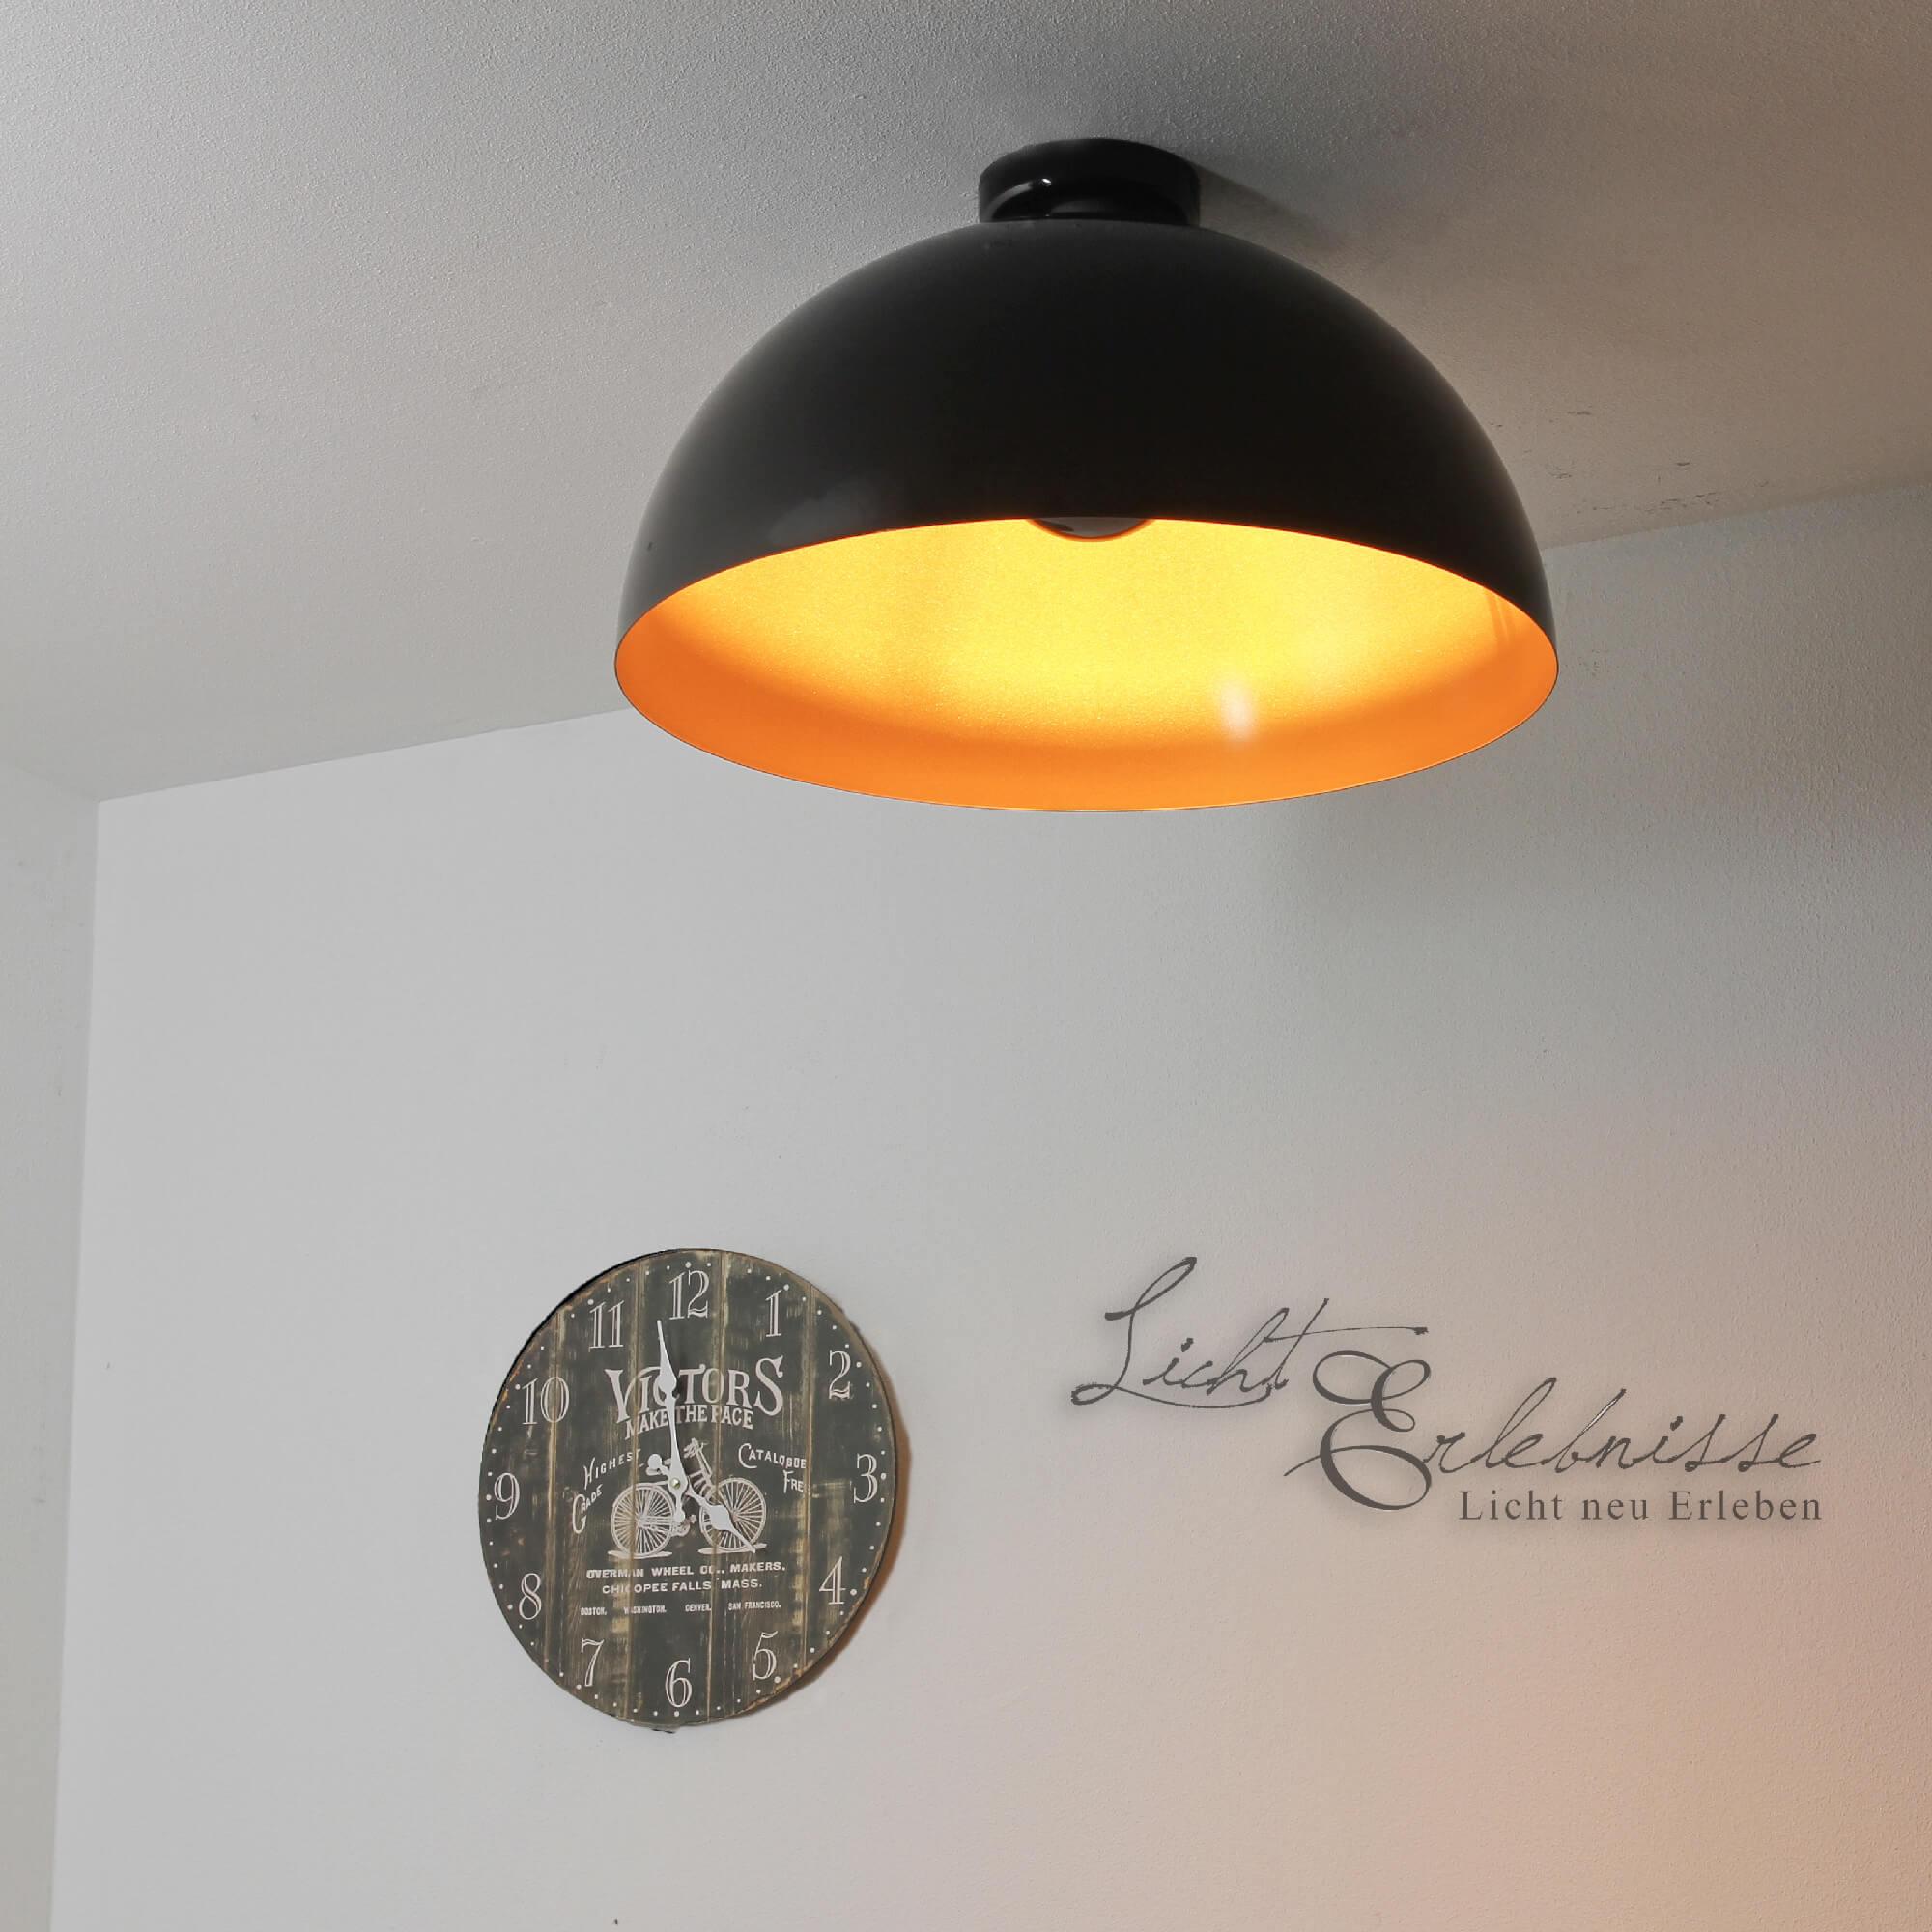 XXL Loft Deckenleuchte in schwarz-gold E27 100W Innen Deckenlampe Vintage Küche